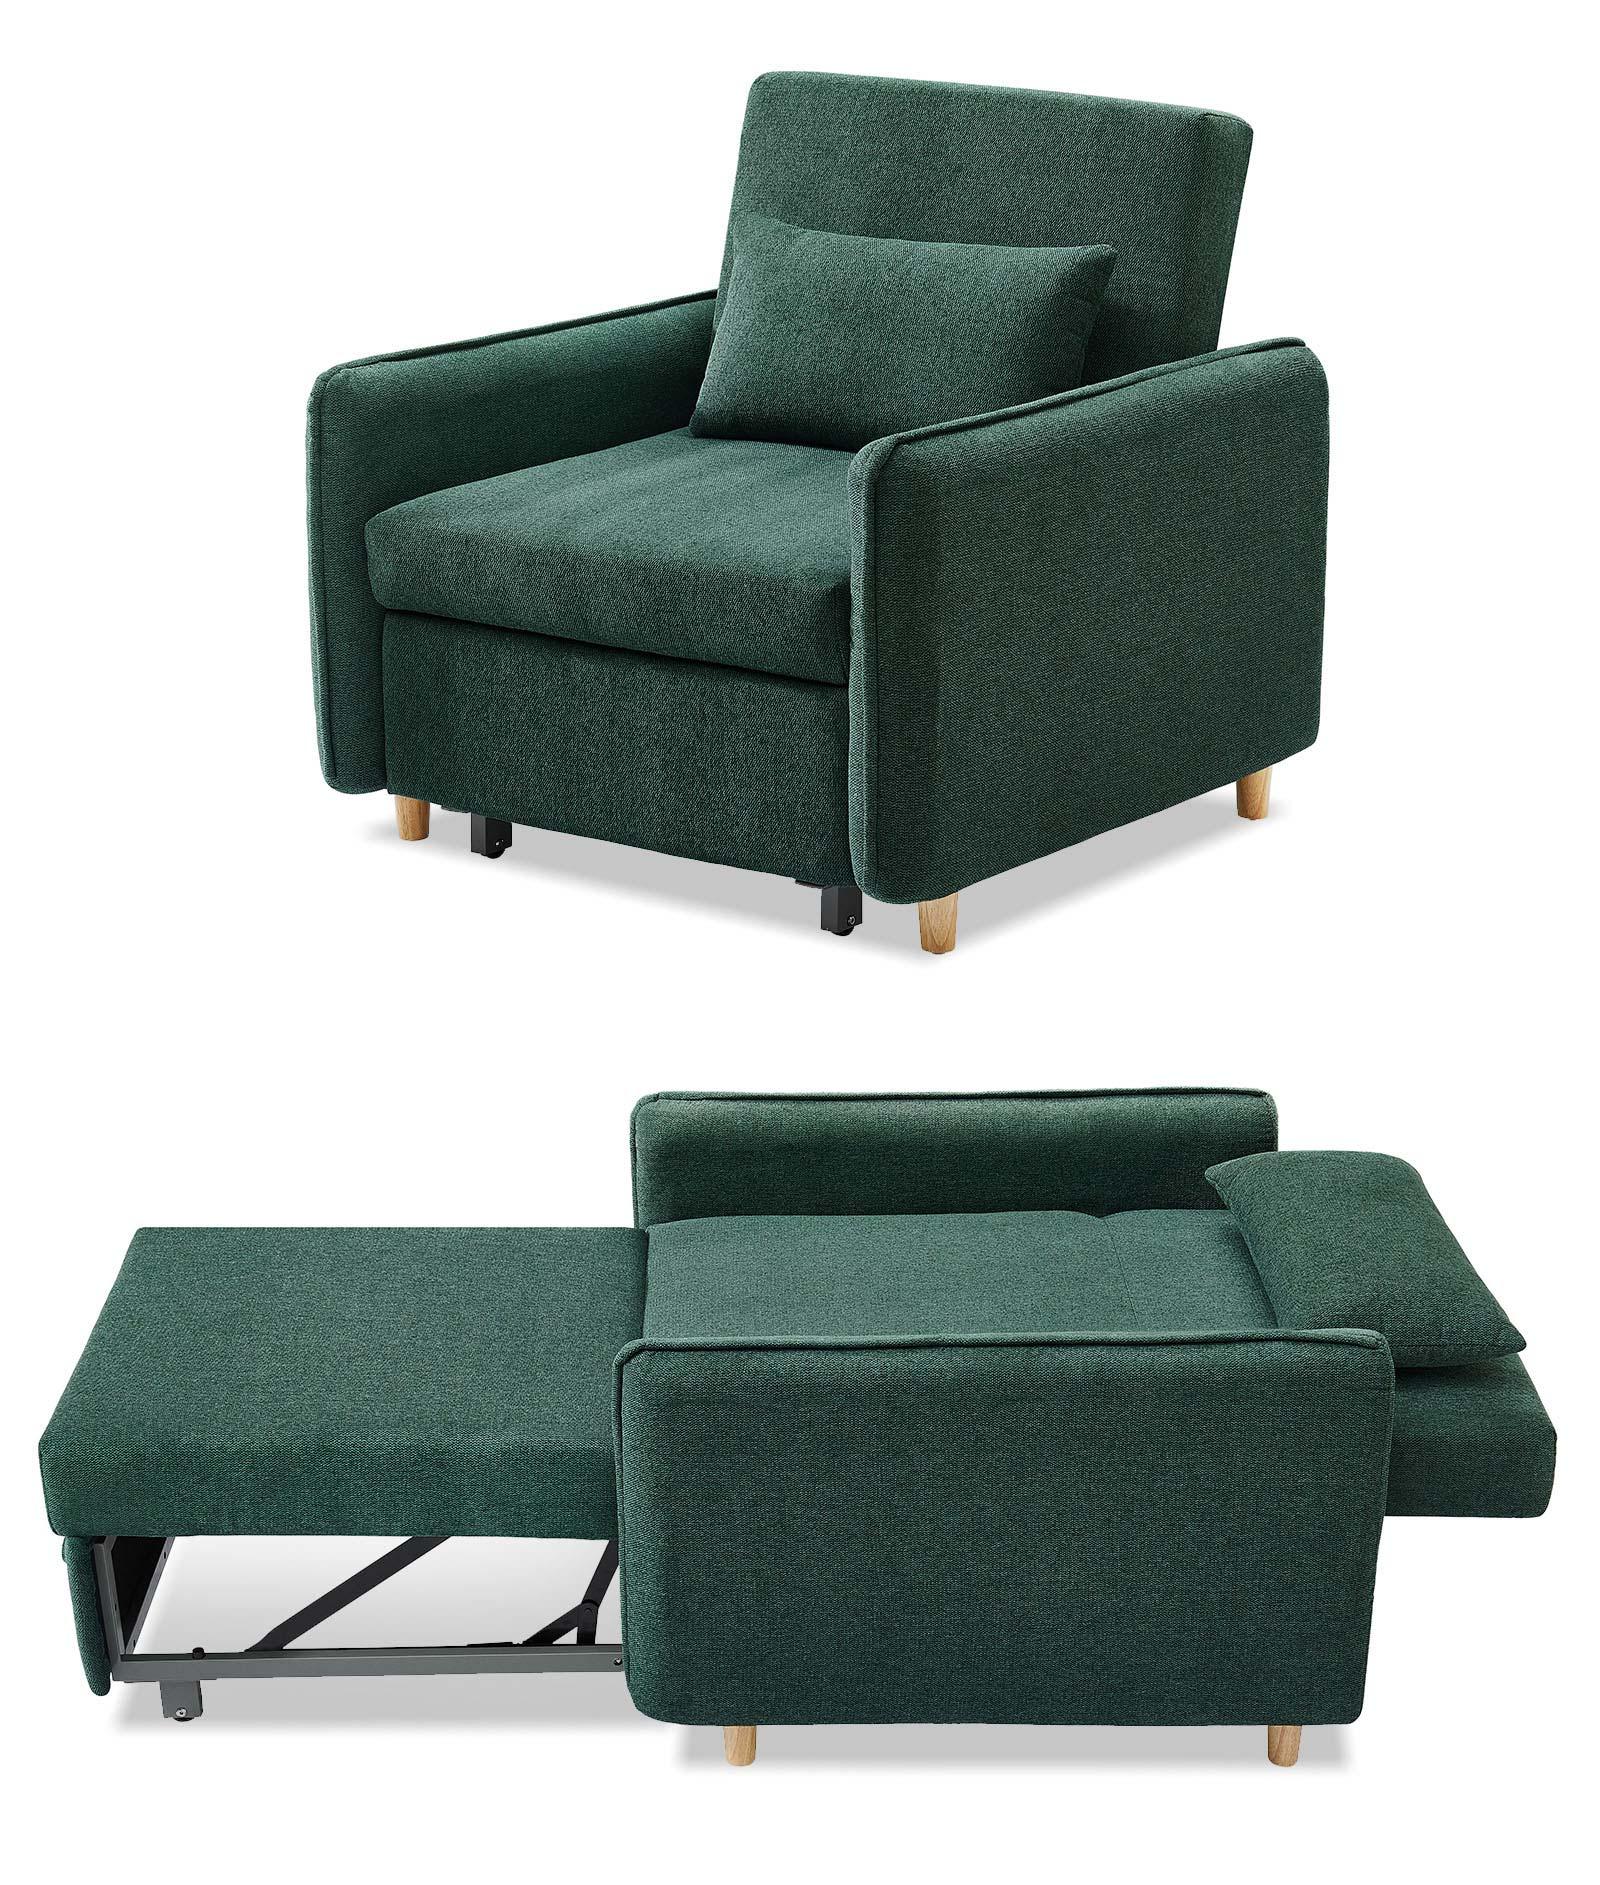 Кресло кровать Arizona, темно зеленый